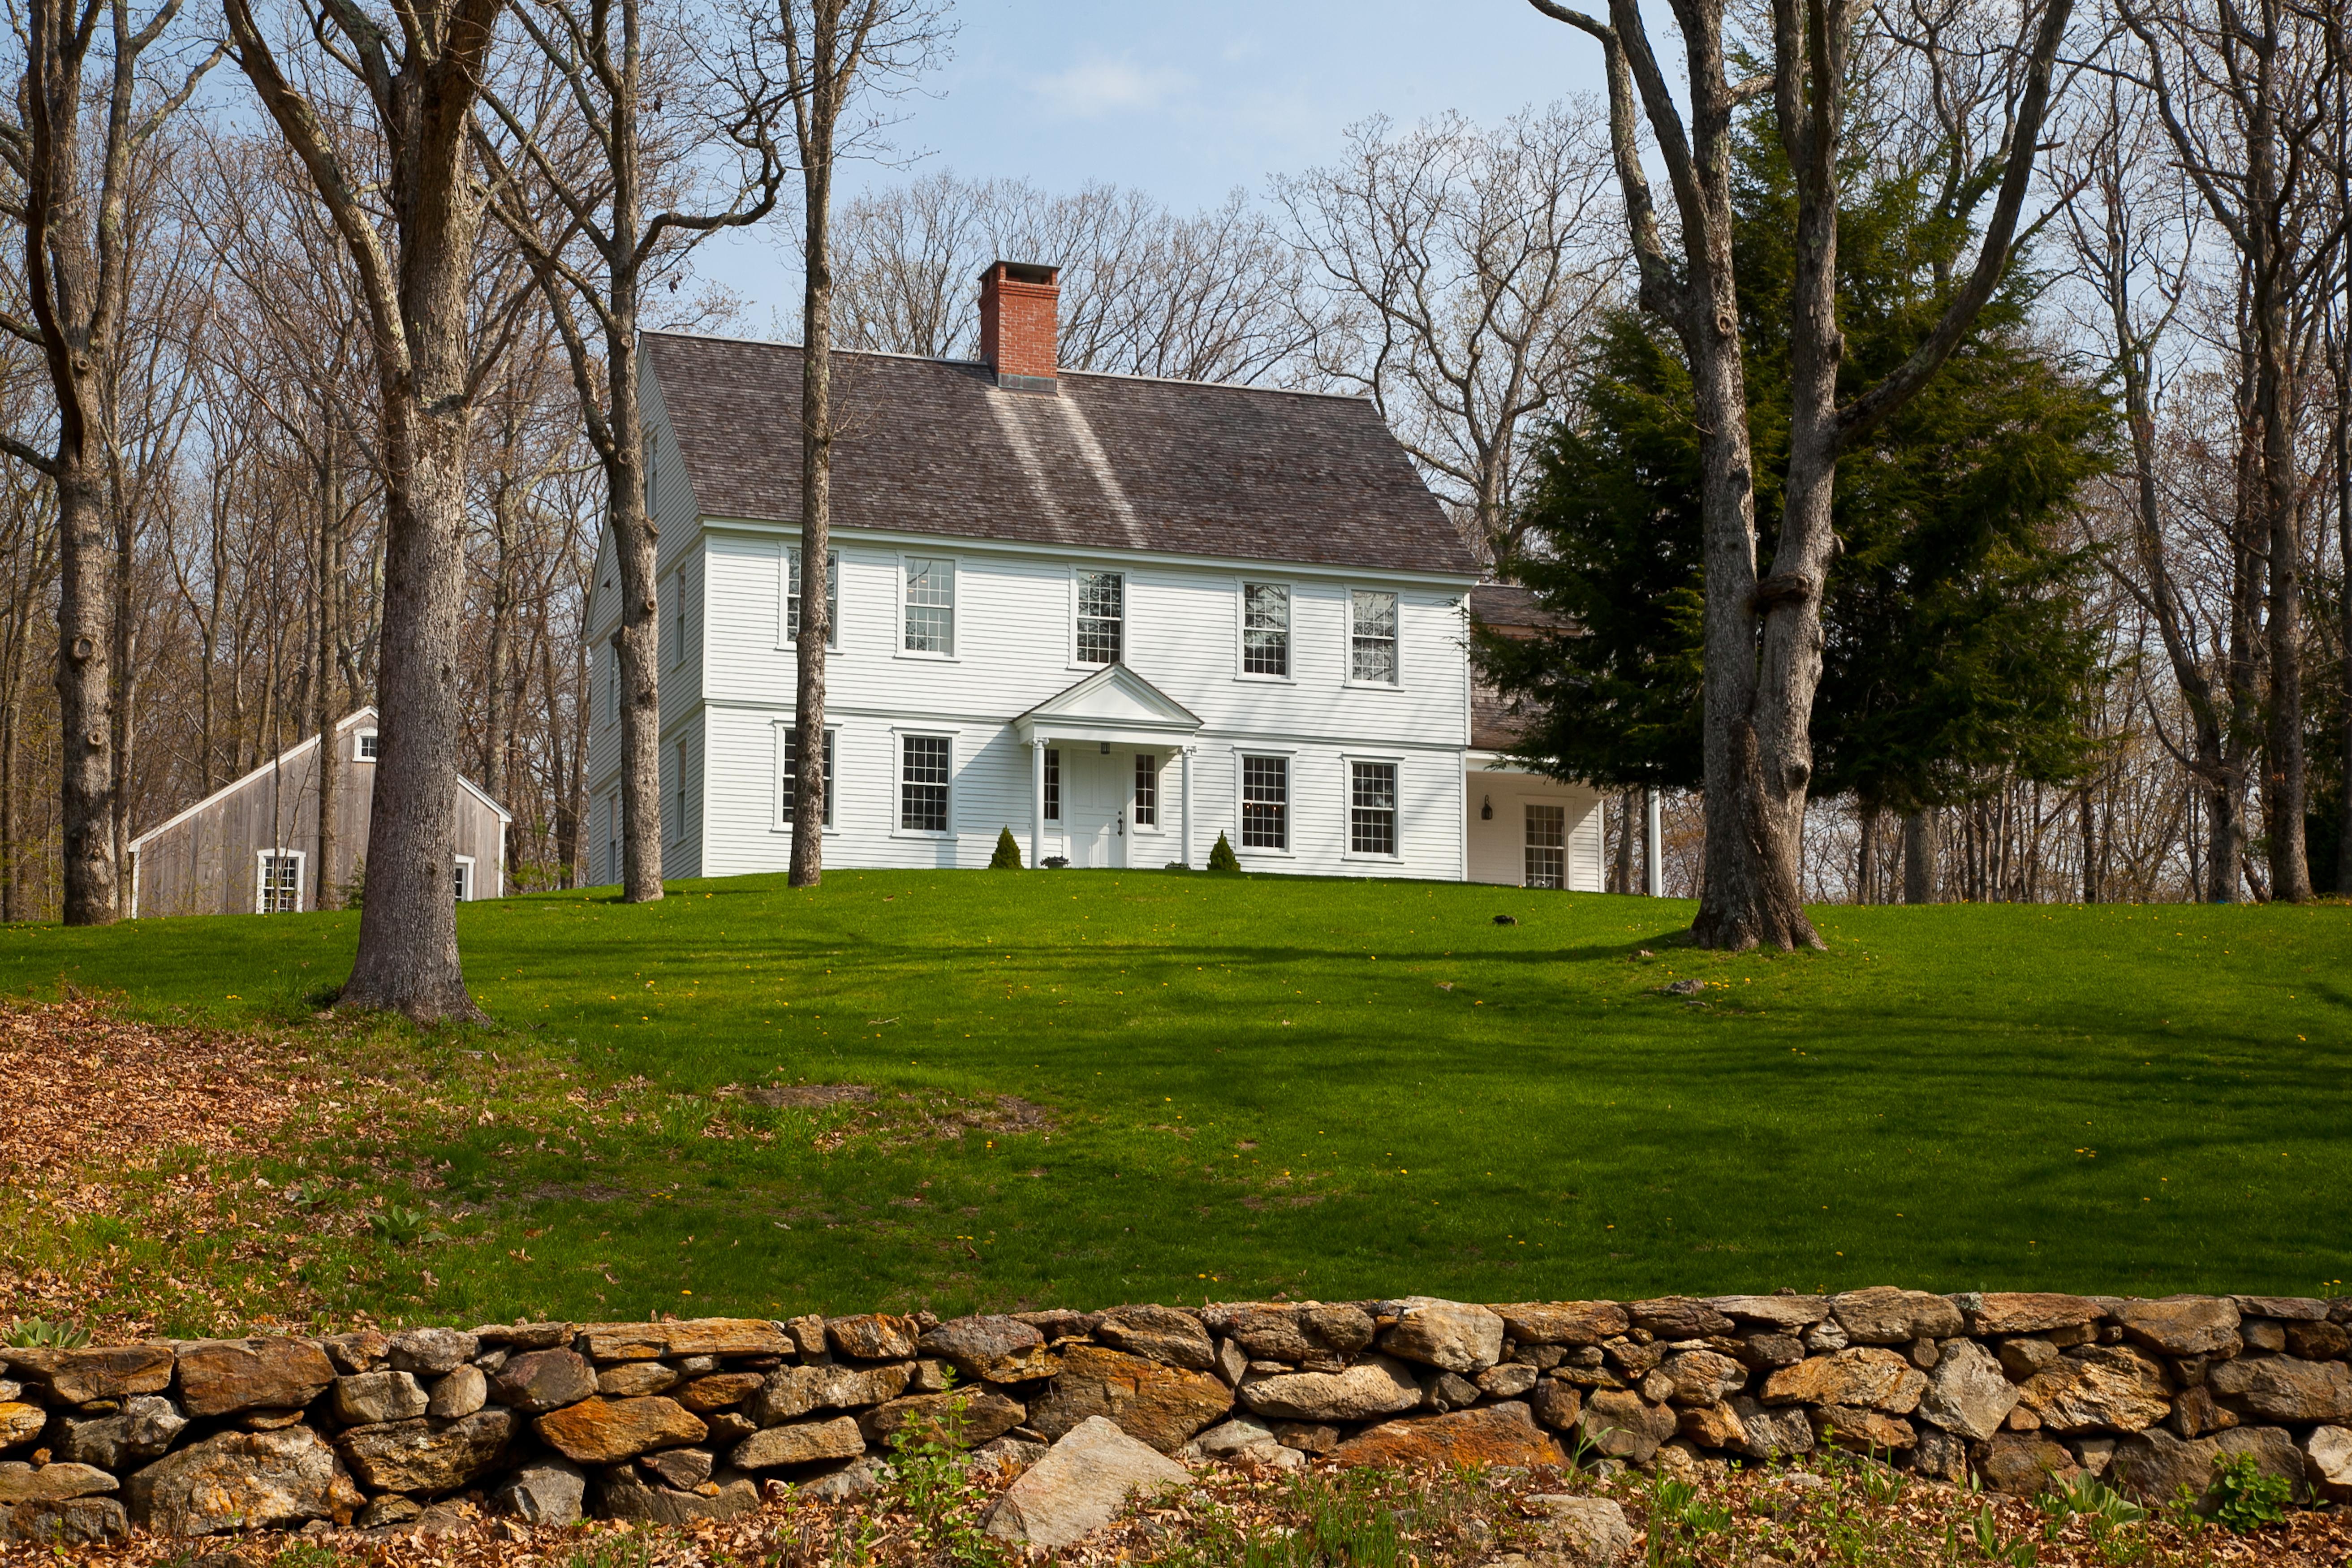 Casa Unifamiliar por un Venta en Stunning Reproduction Colonial 245 Painter Hill Rd Roxbury, Connecticut 06783 Estados Unidos